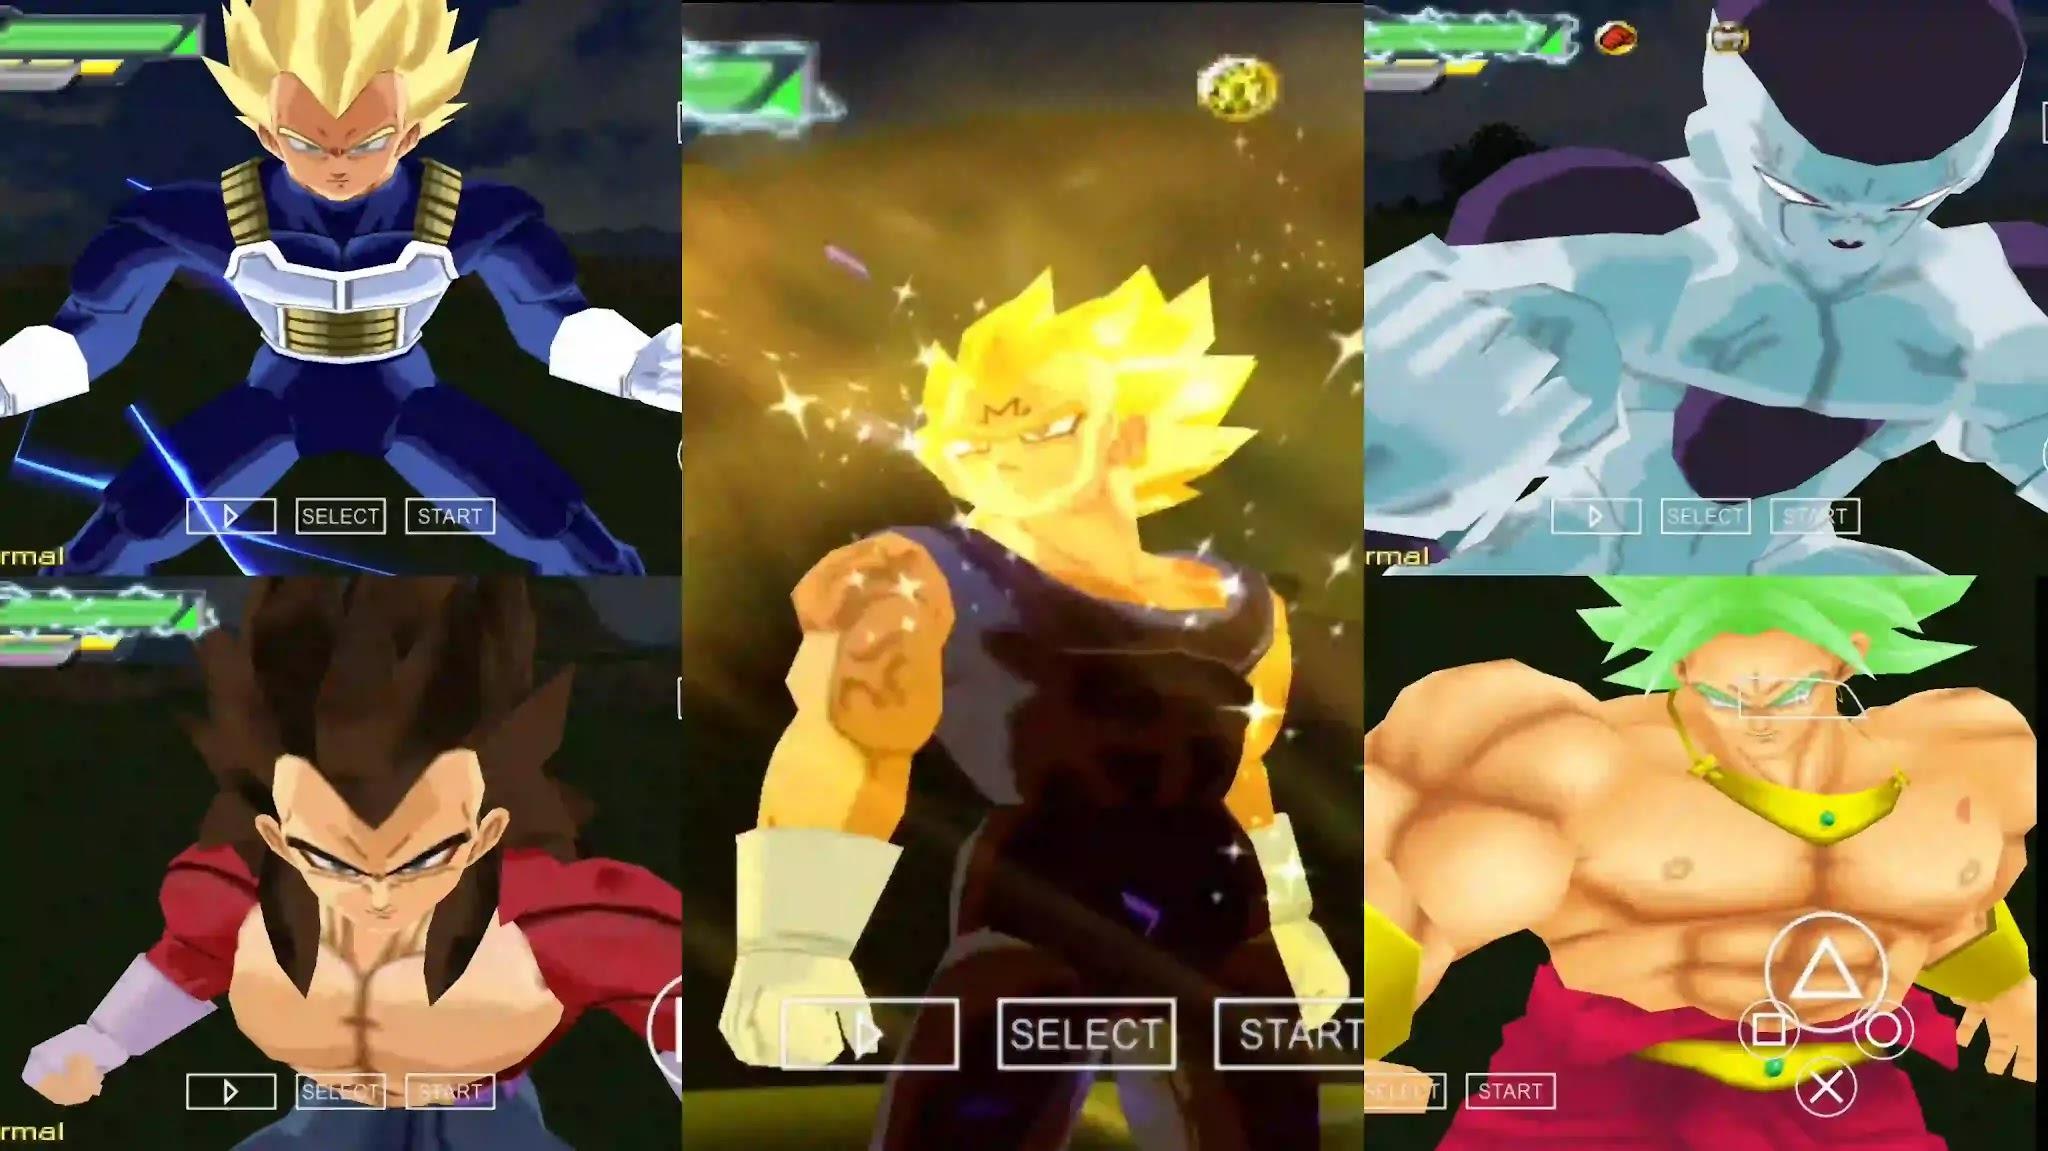 Dragon Ball Z Vegeta dbz ttt mod